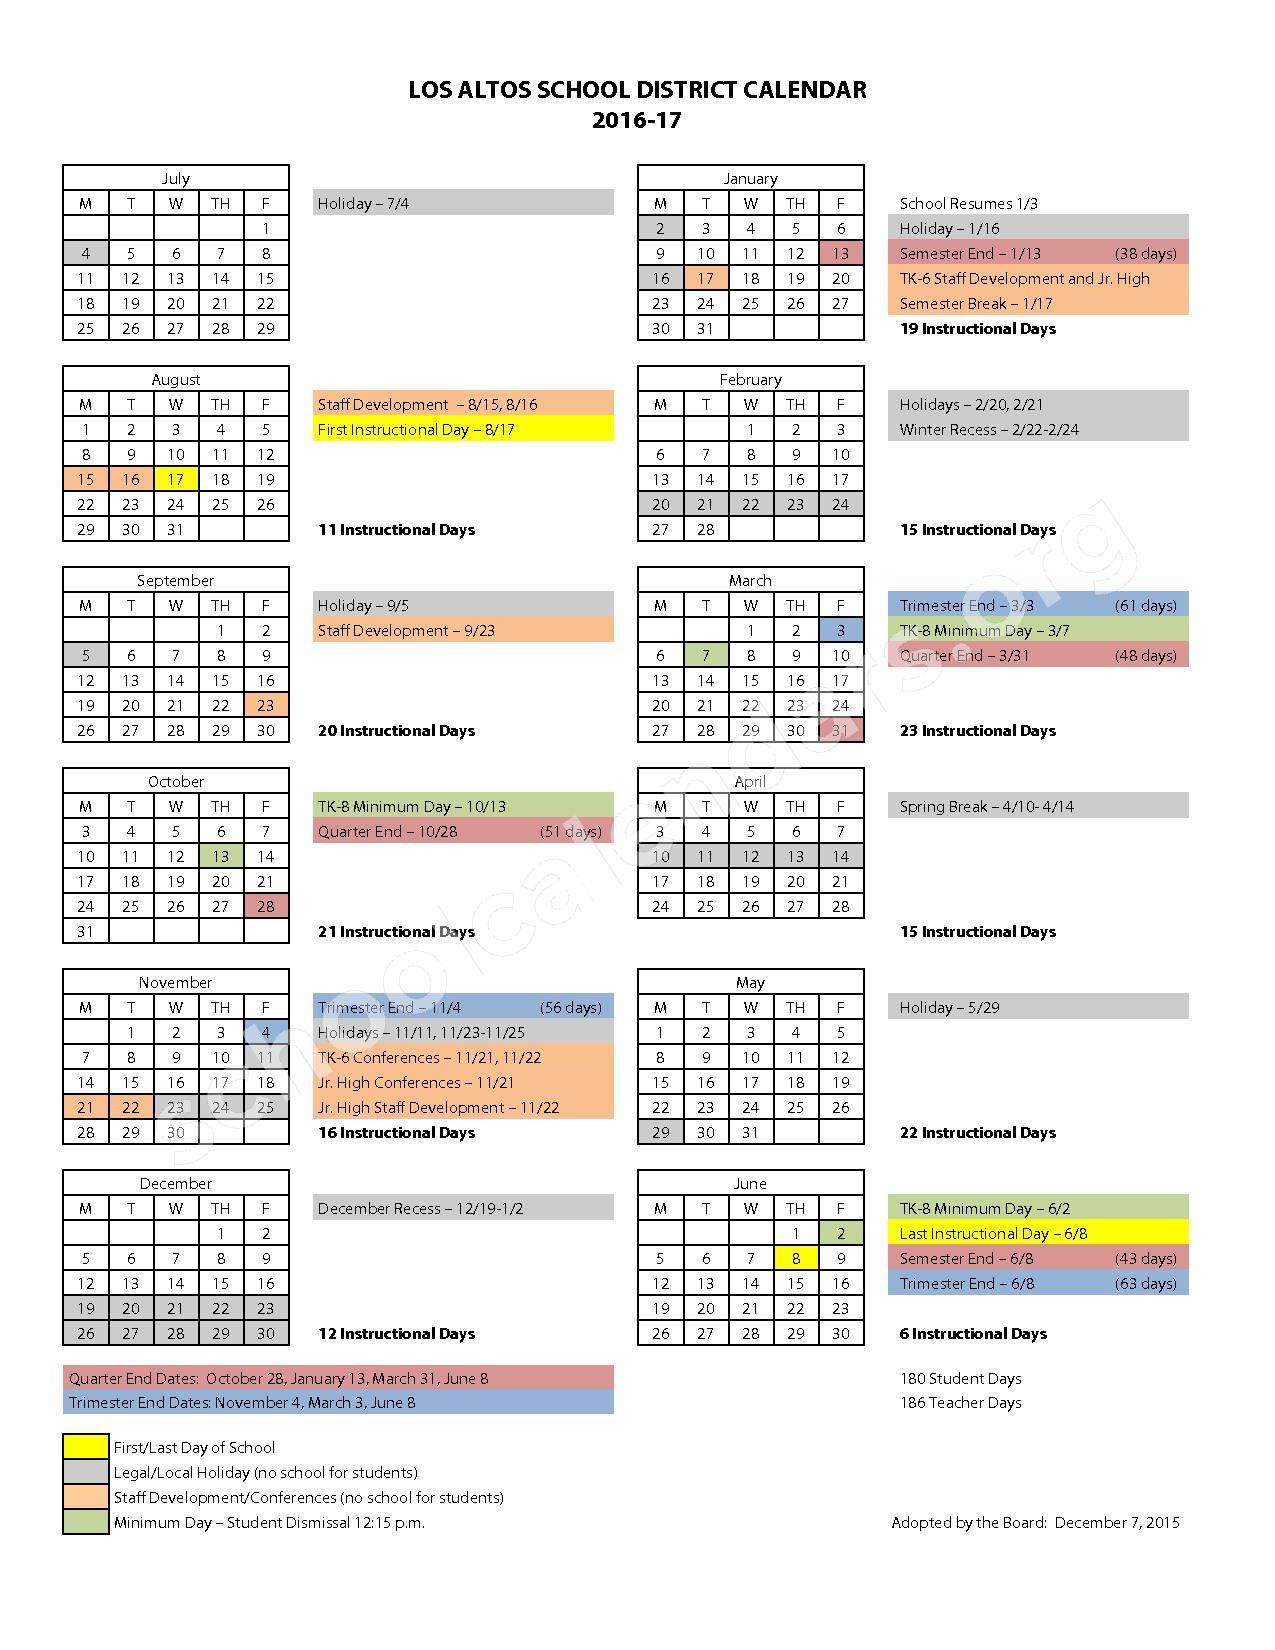 2016 - 2017 District Calendar – Los Altos School District – page 1